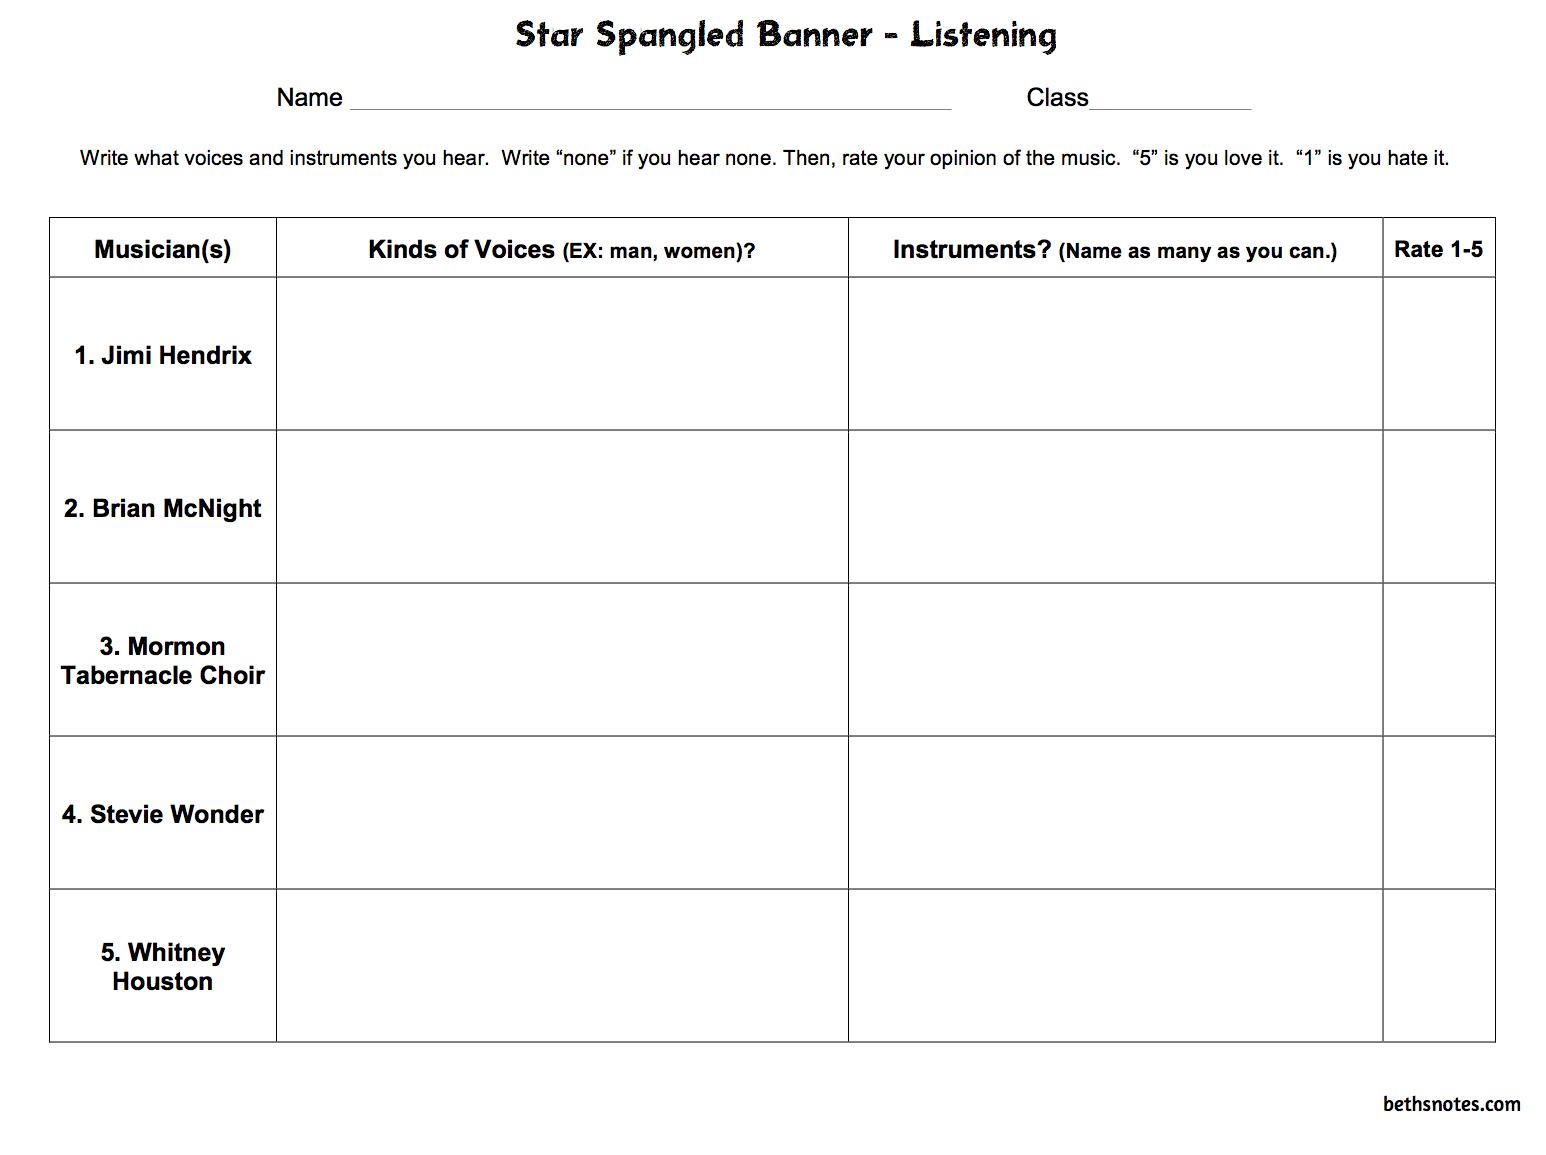 Star Spangled Banner History Worksheet - Worksheets